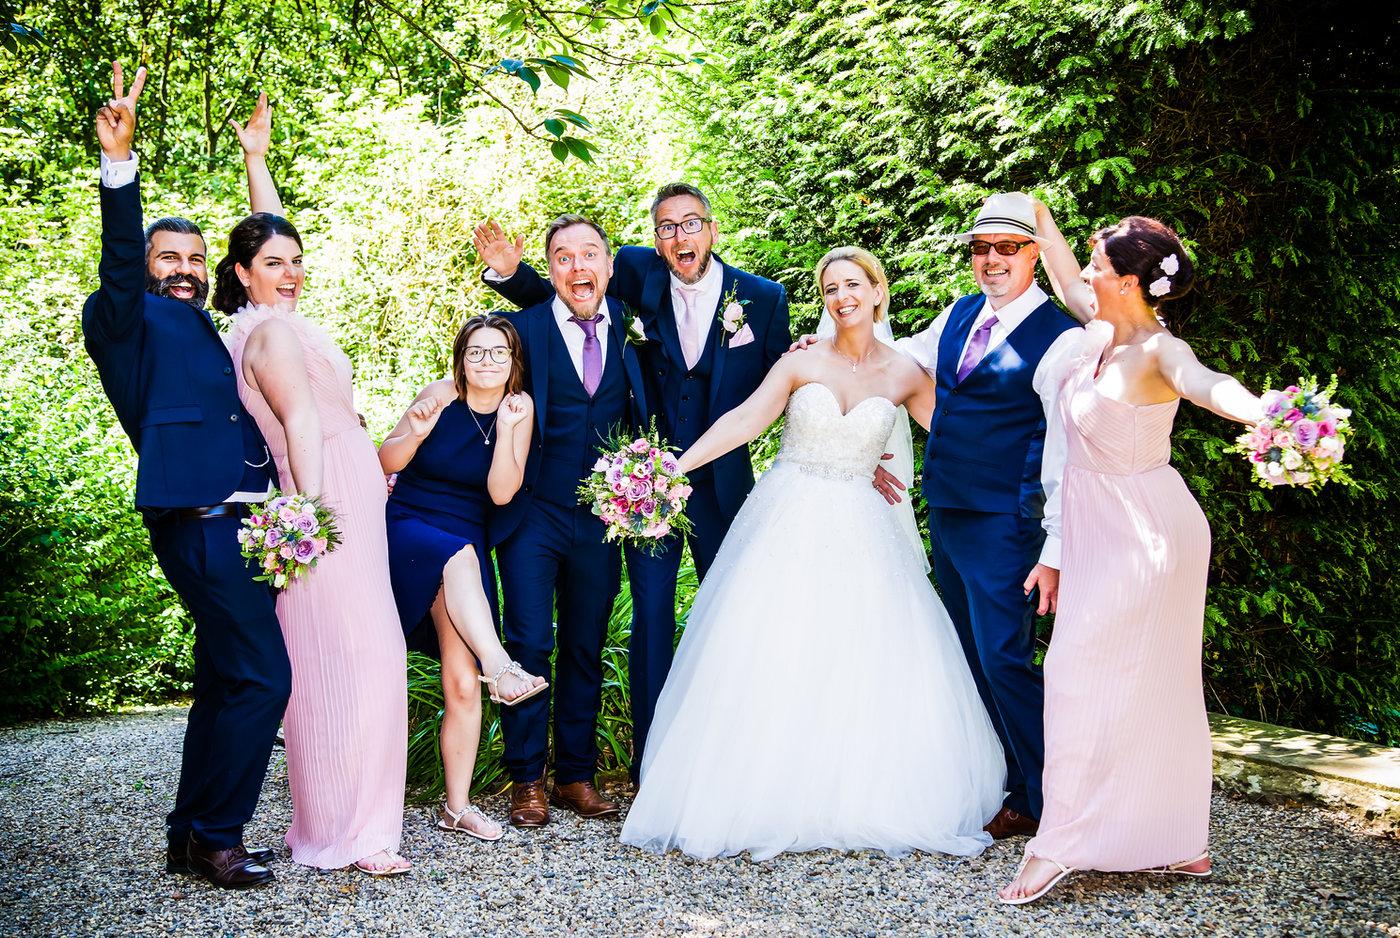 Wedding Photography of wedding group